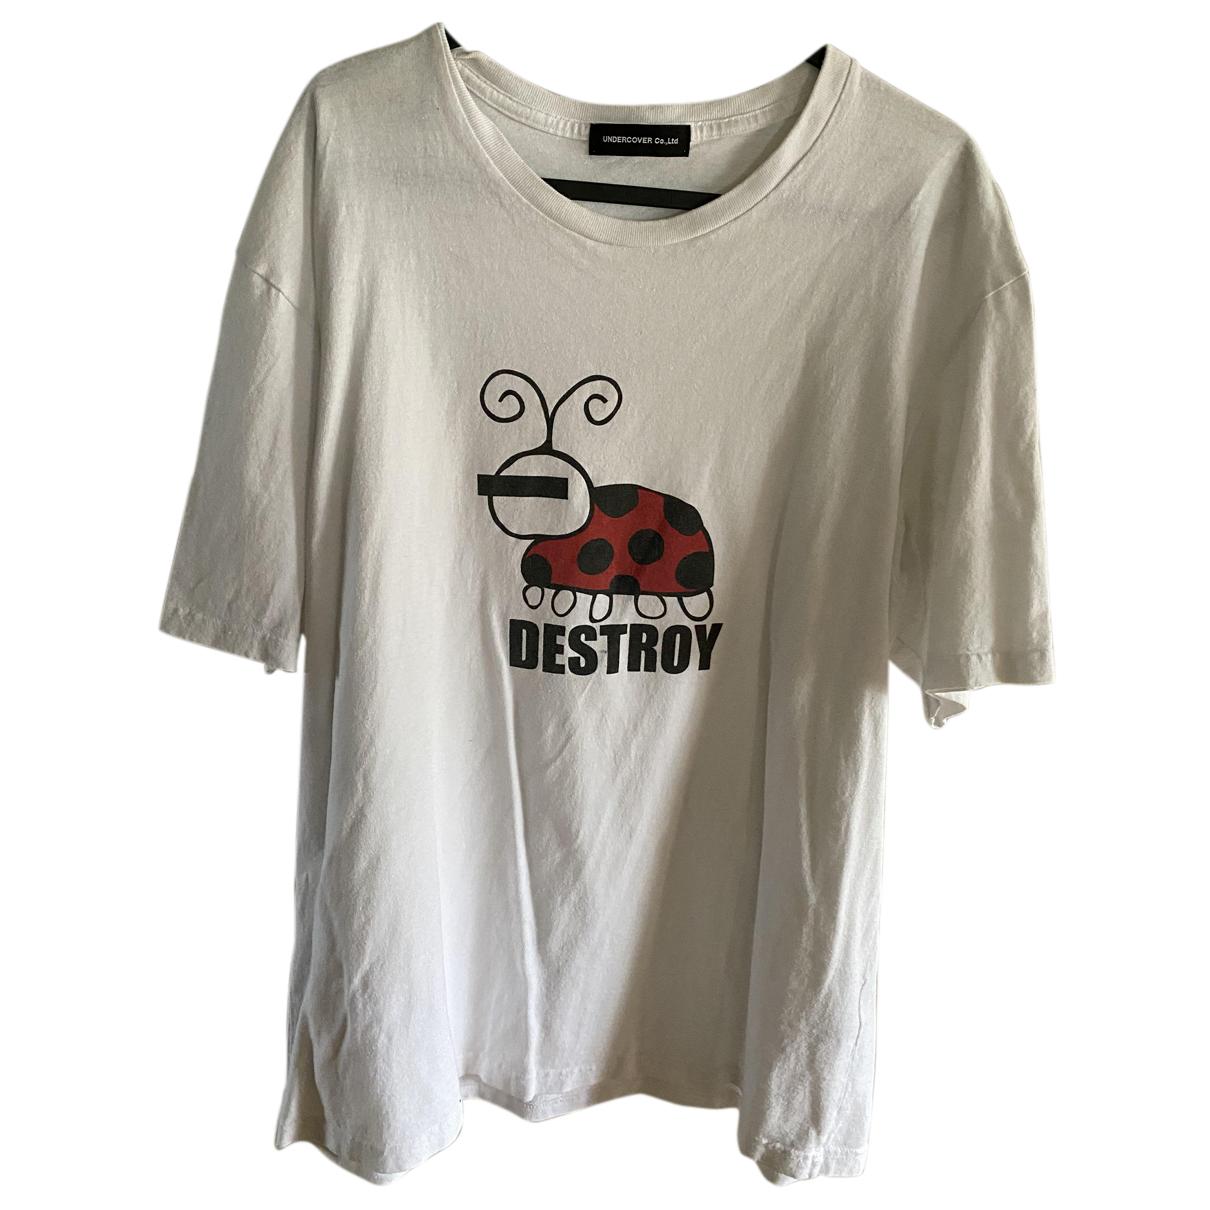 Undercover - Tee shirts   pour homme en coton - blanc